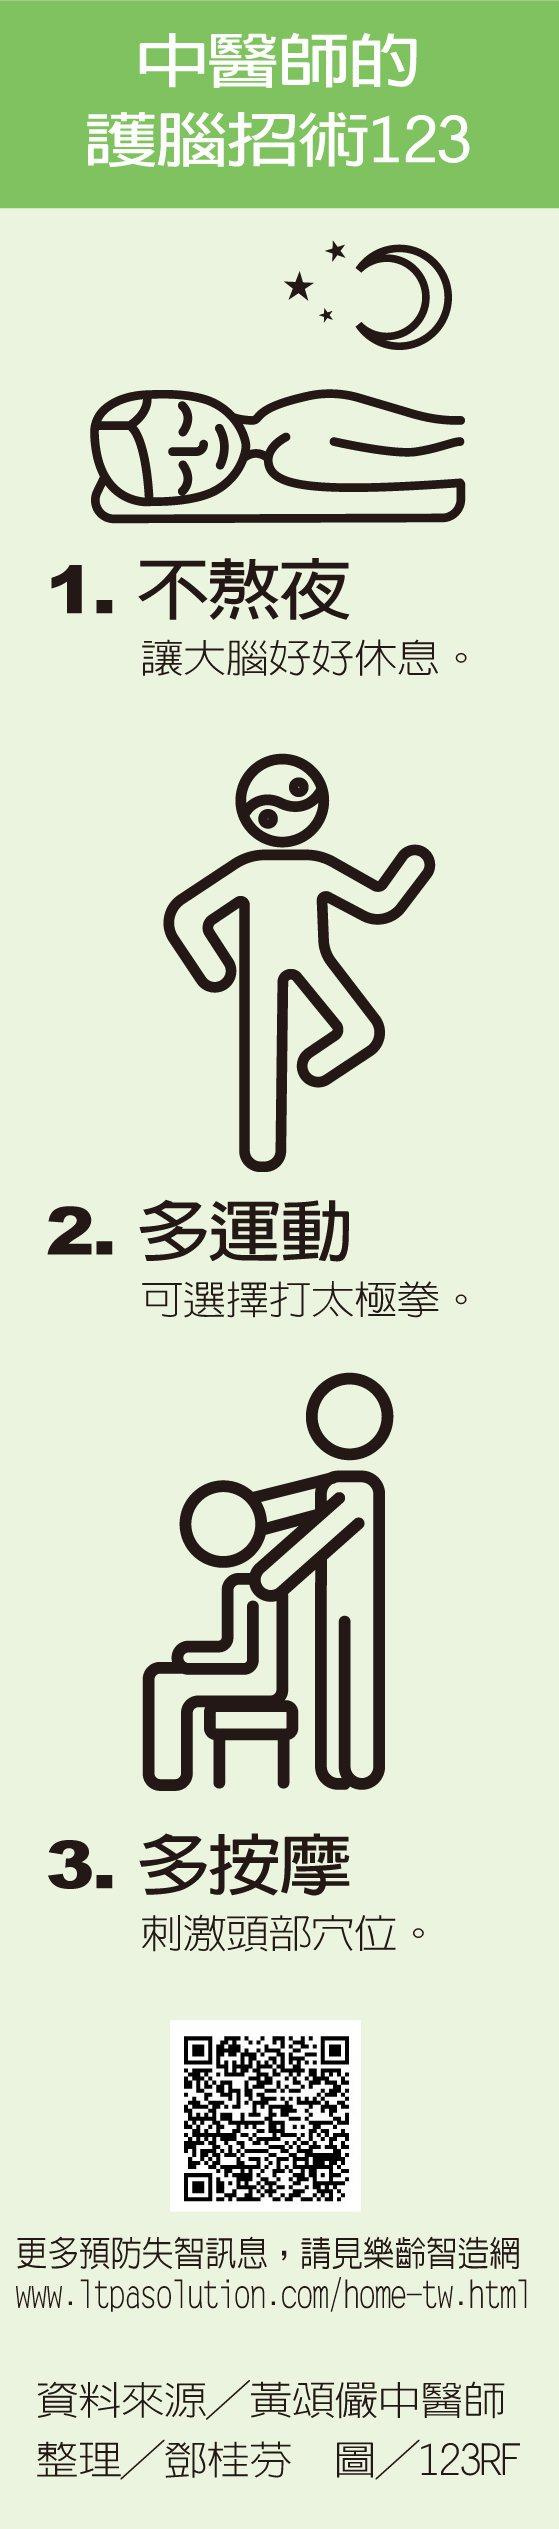 中醫師的護腦招術123 製表/元氣周報 圖/123RF